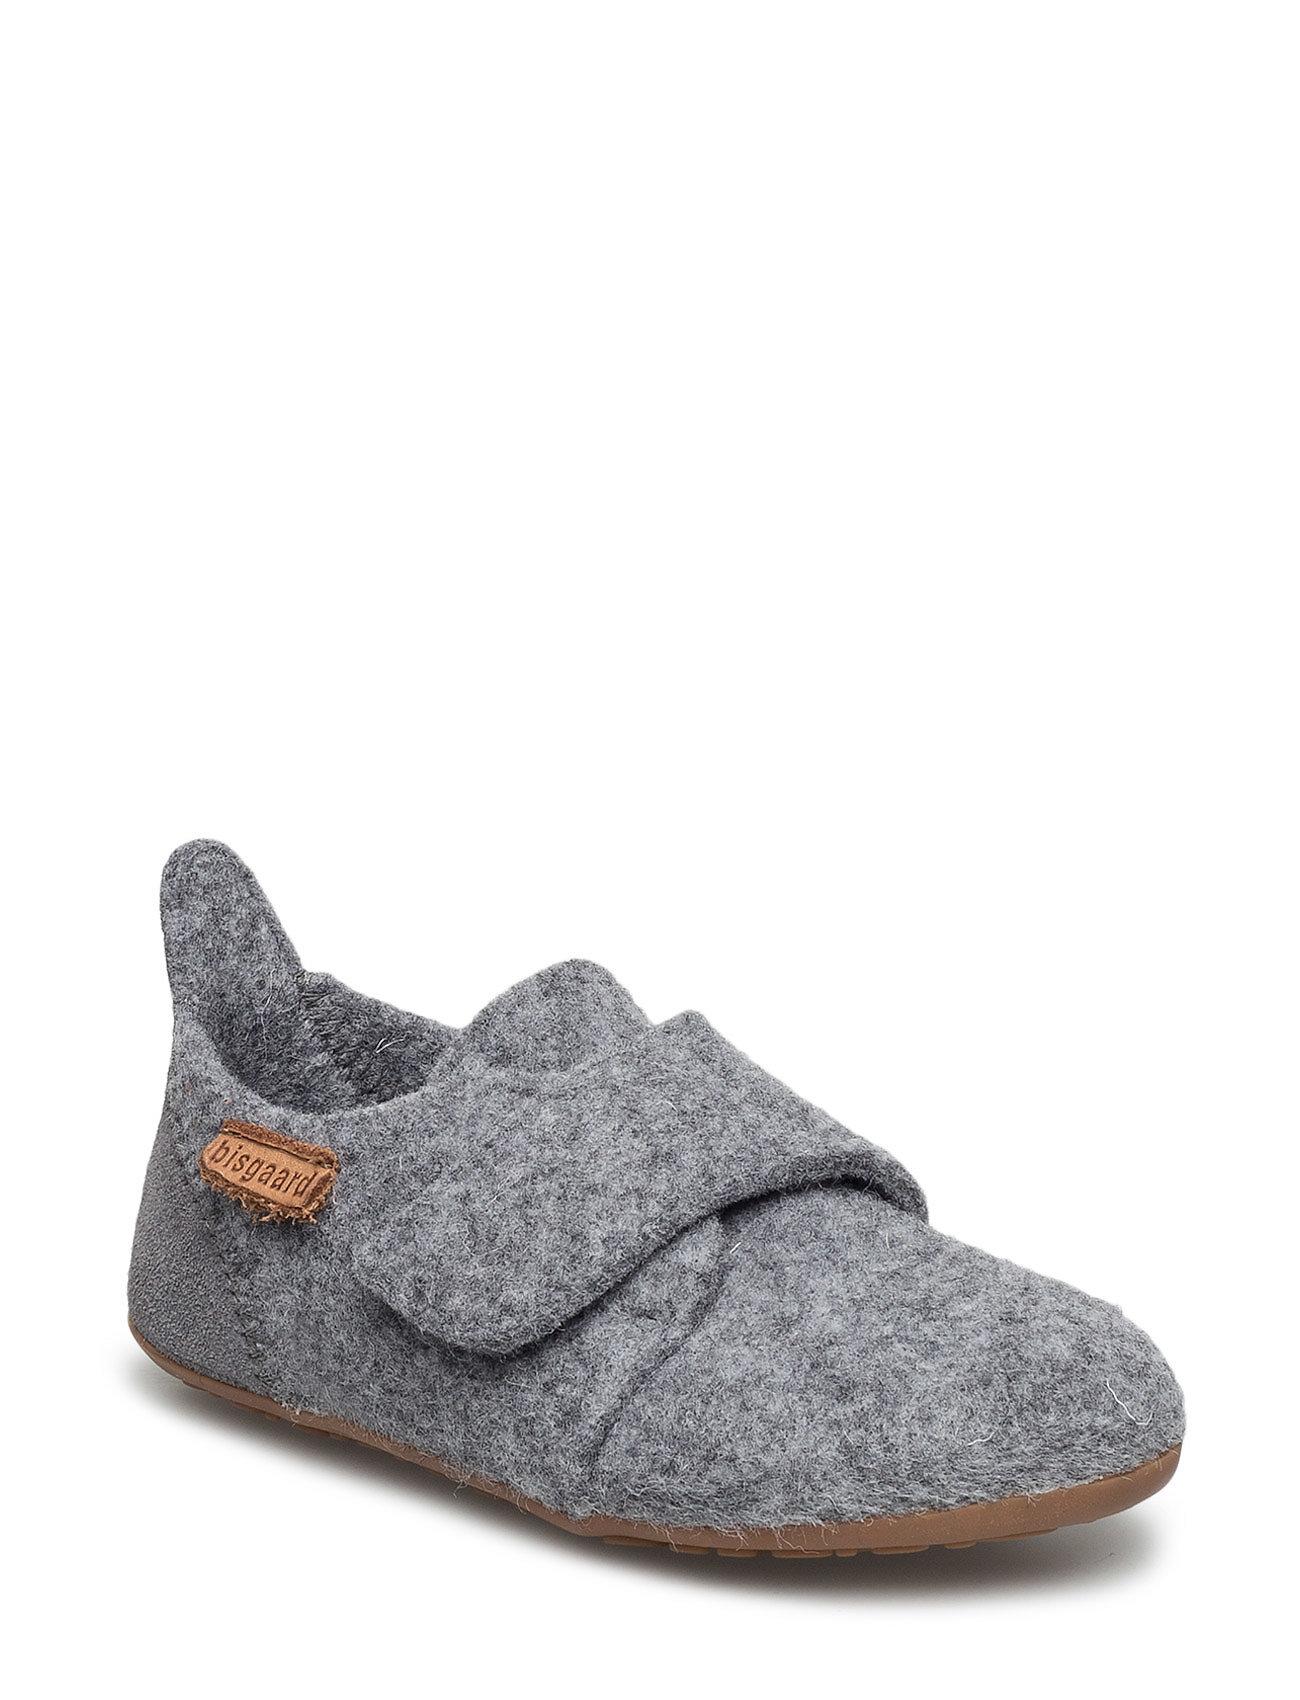 Image of Home Shoe - Wool Velcro Slippers Hjemmesko Grå Bisgaard (2382643171)